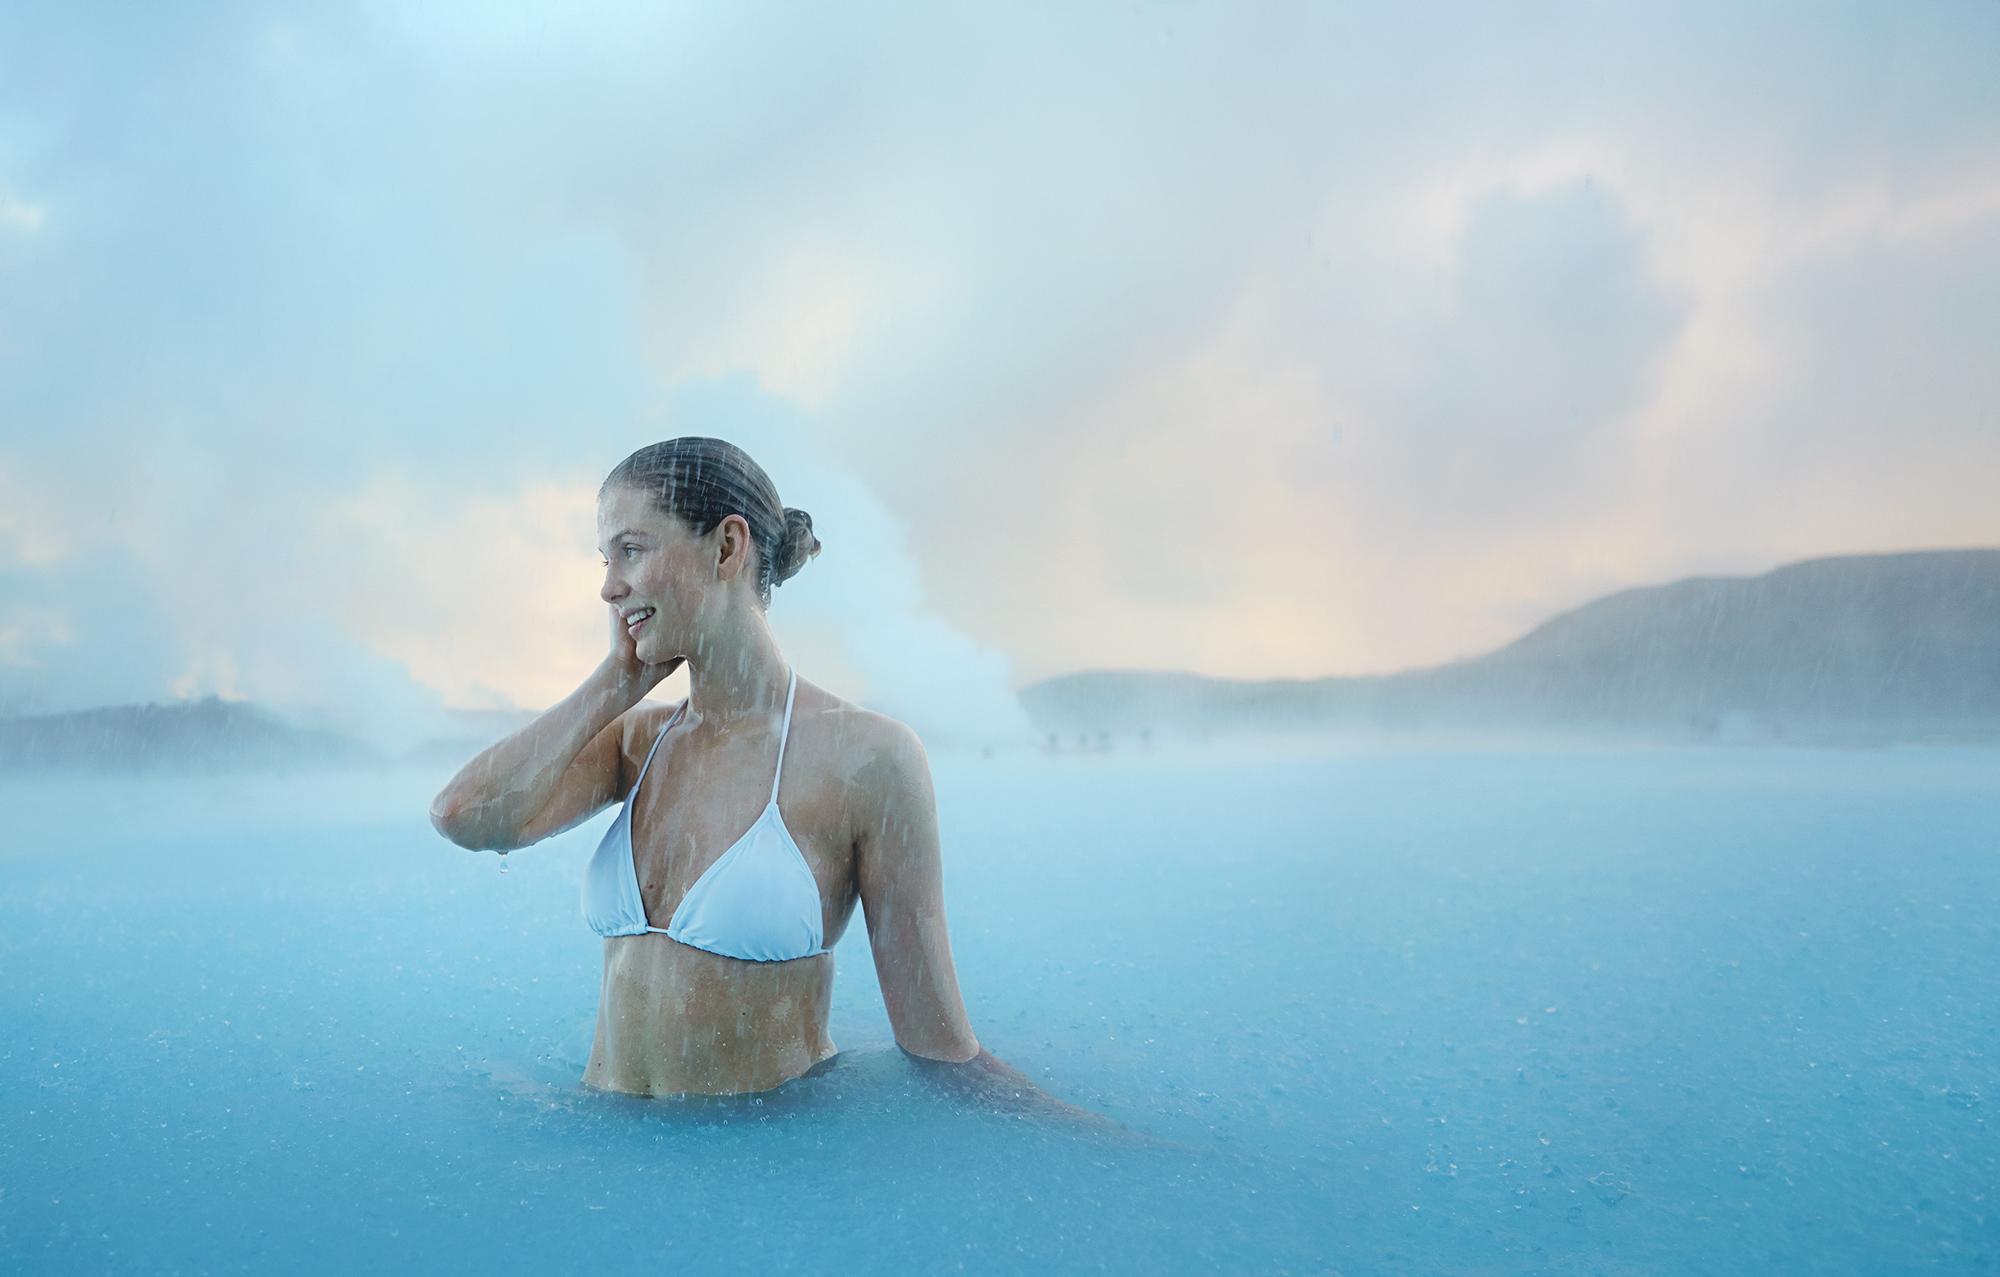 De silicamodder bij de Blue Lagoon staat bekend om zijn helende eigenschappen.